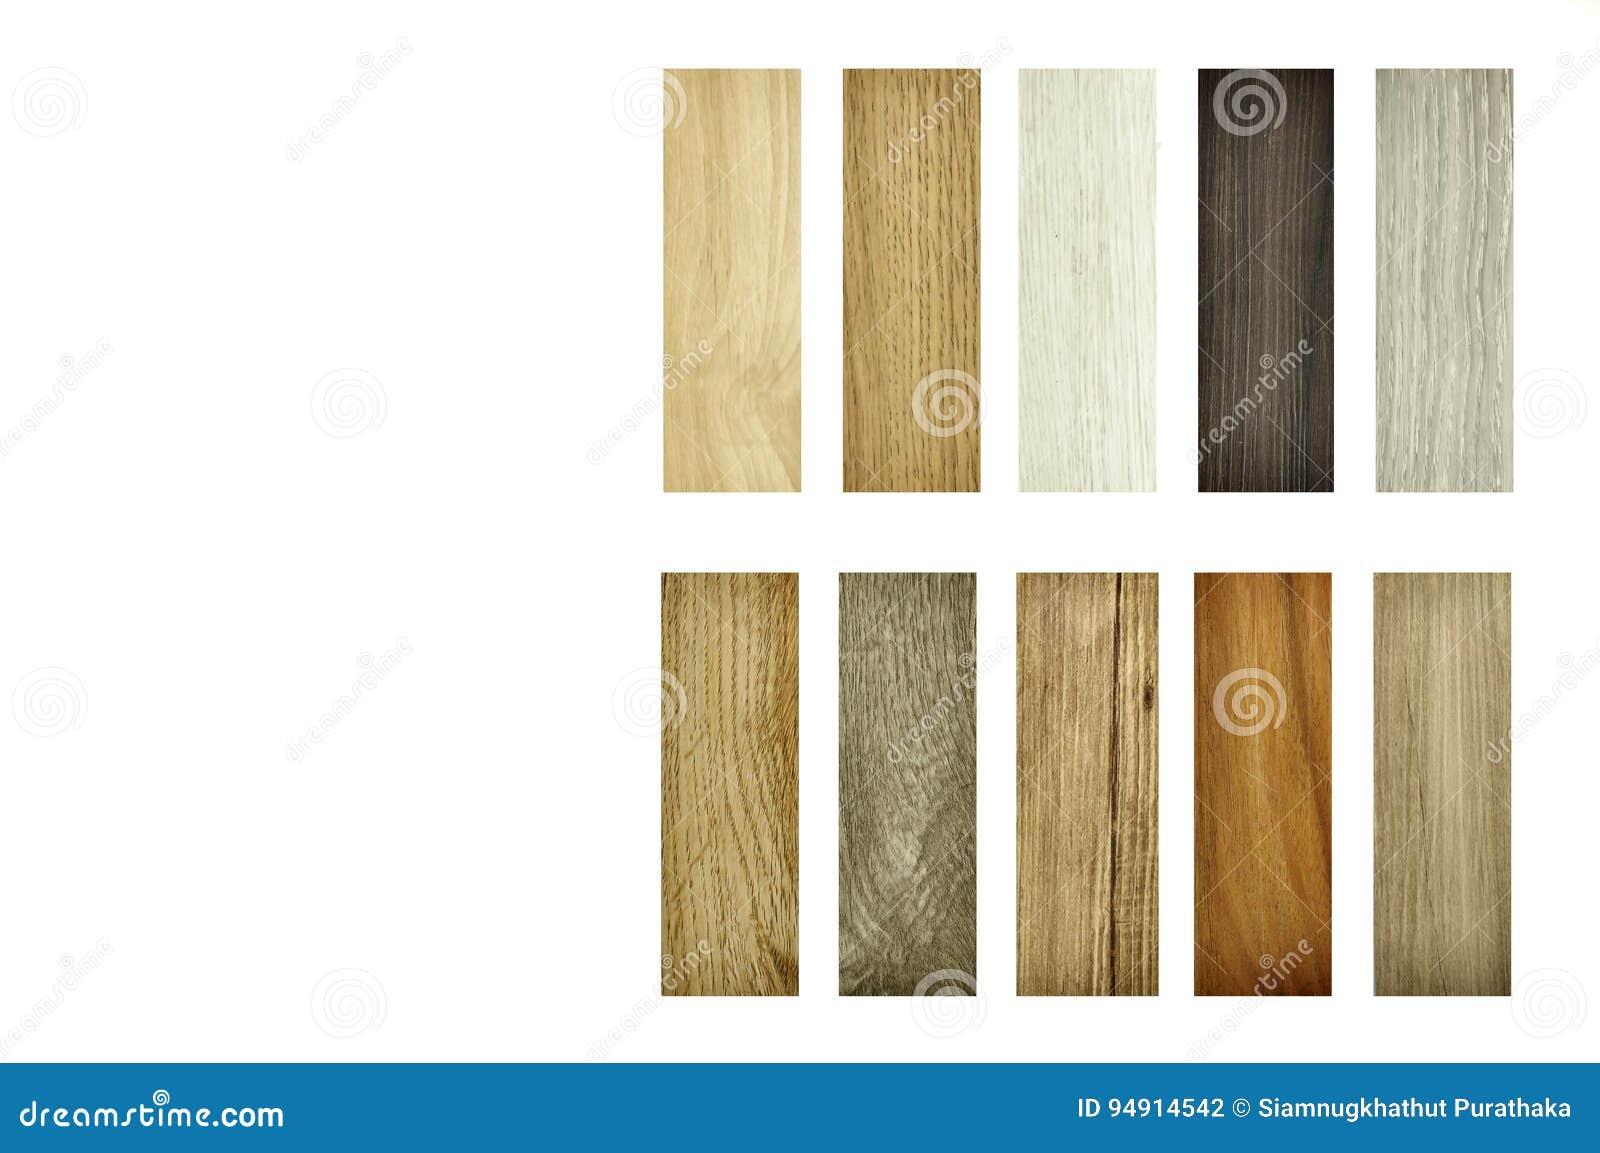 muestras de piso de madera de la textura de lamina chapa baldosa del vinilo